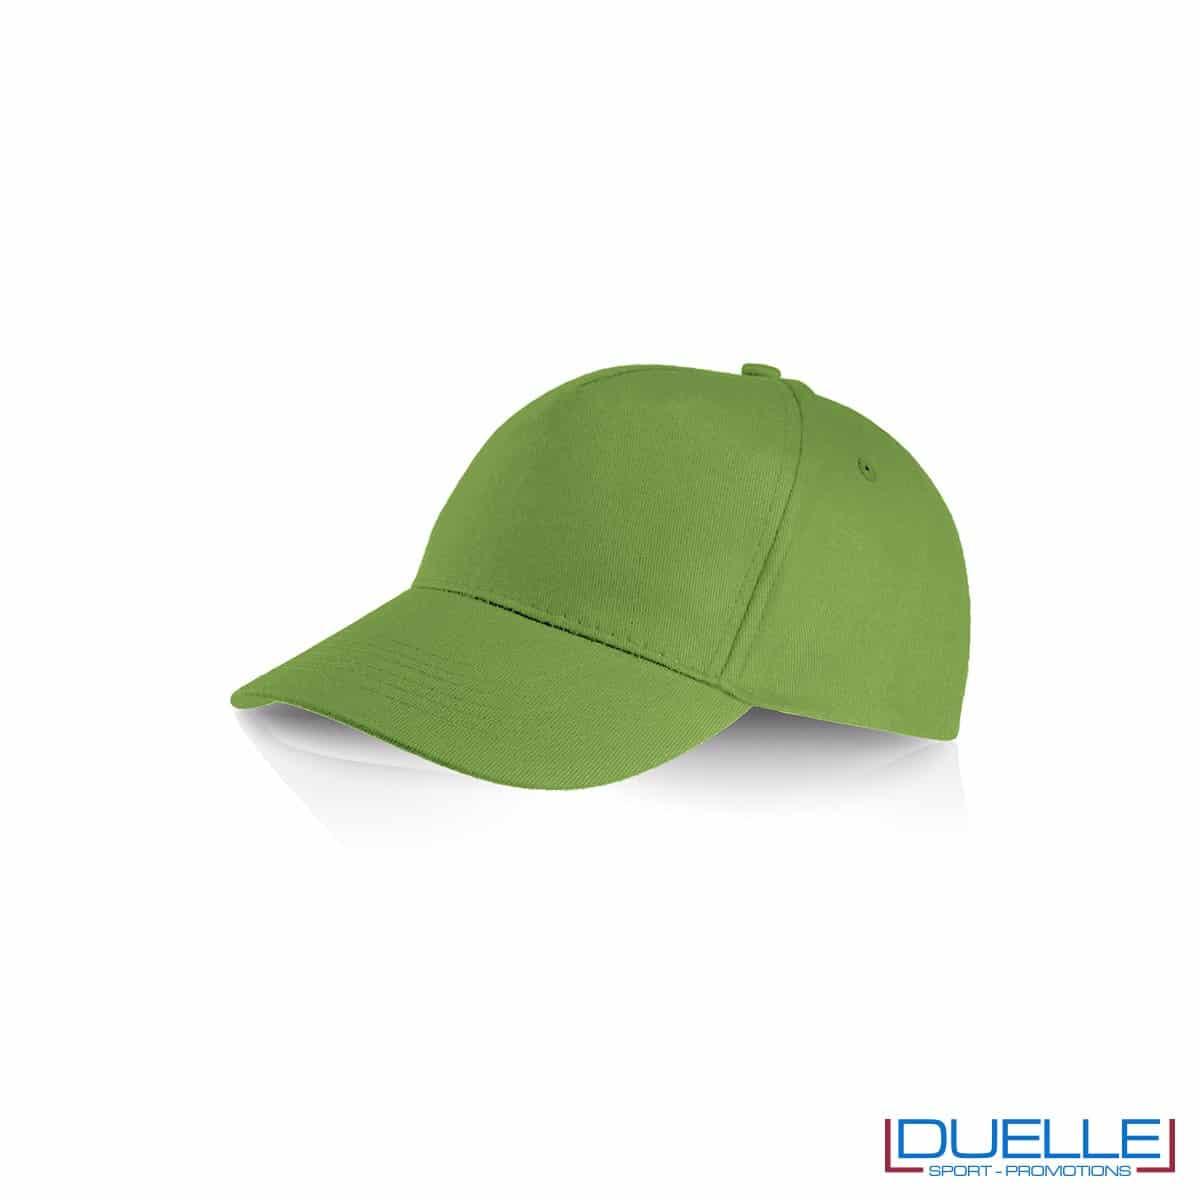 Cappellino personalizzato cotone verde, cappellini promozionali baseball, cappellini baseball personalizzati verde